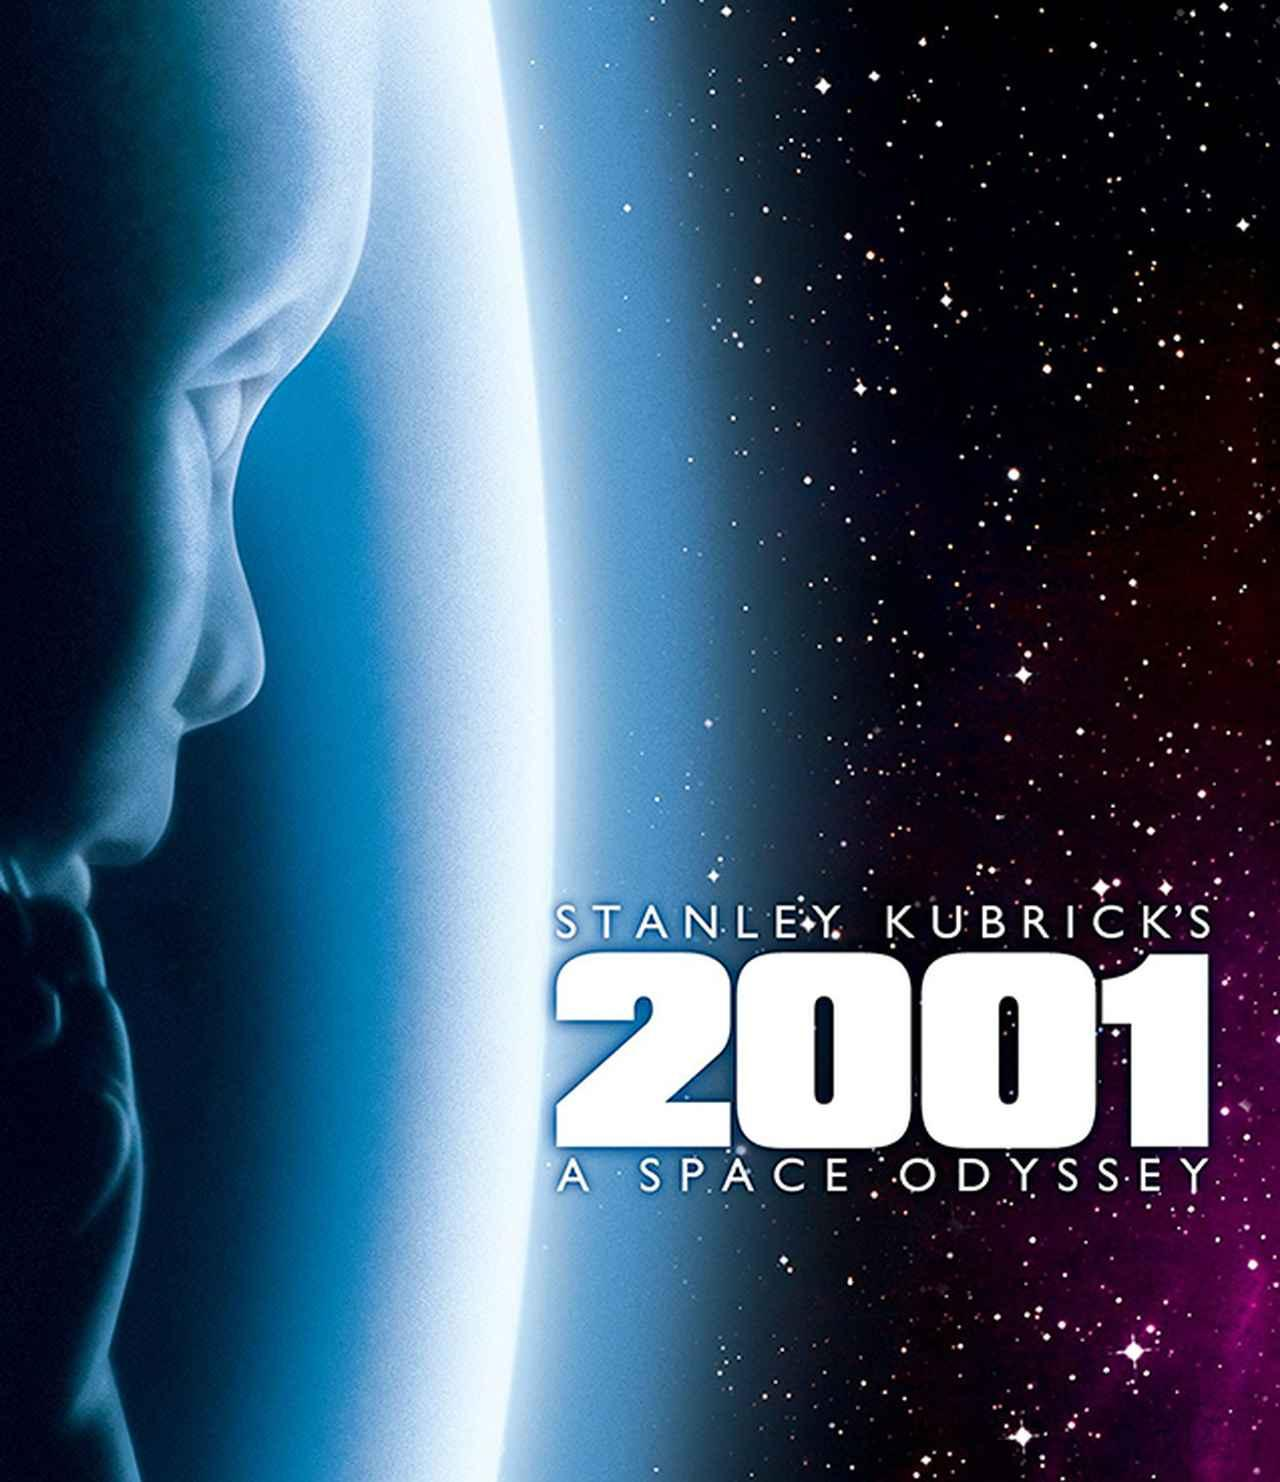 画像: 言わずと知れた名作『2001年宇宙の旅』。『イカリエ-XB1』の中に、本作への影響をどこまで探せるか?(Blu-ray、ワーナー・ブラザース・ホームエンターテイメント)